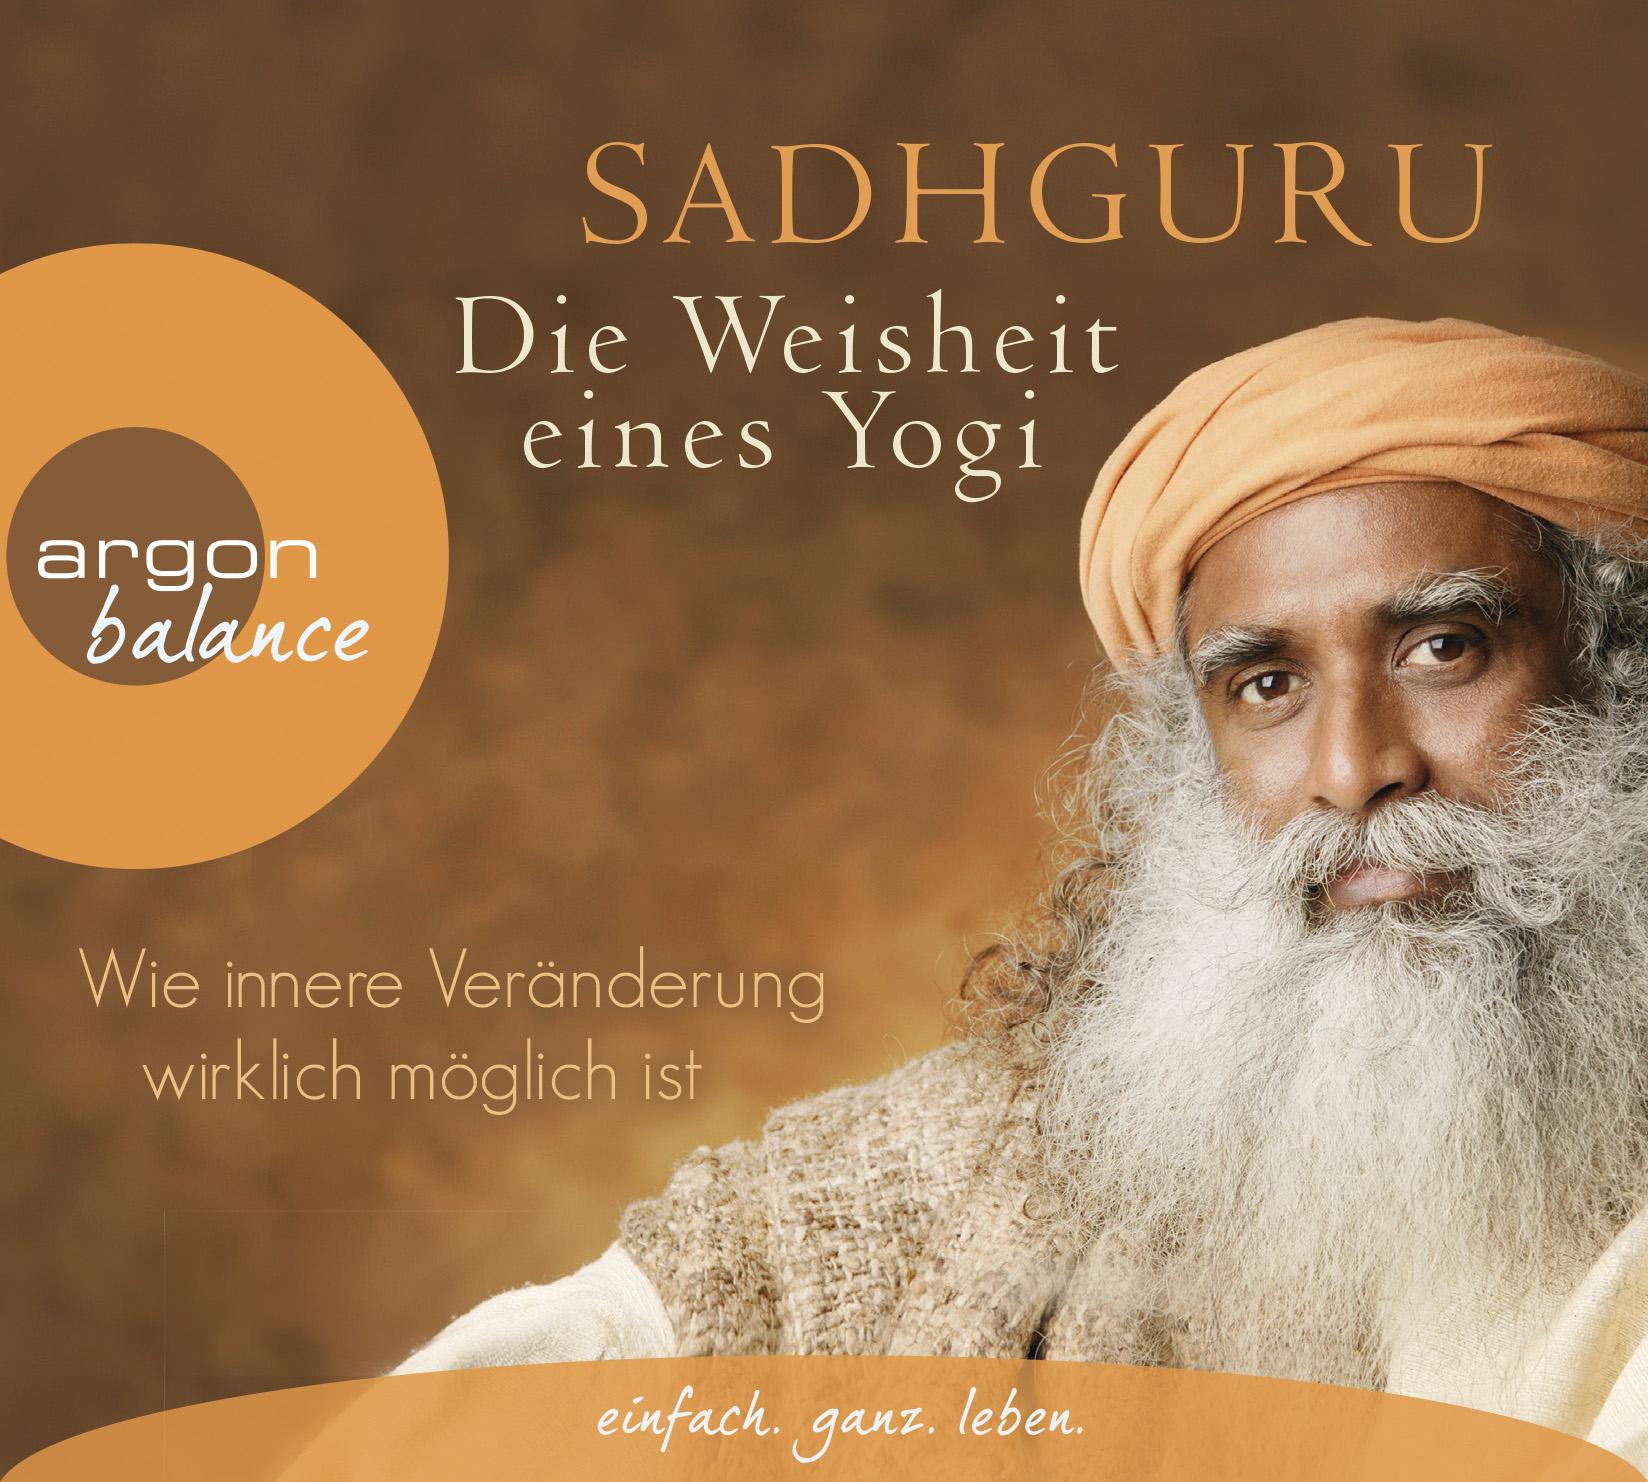 Noch nie hat ein spiritueller Lehrer die Botschaft des Yoga so spannend und unterhaltsam erklärt. Der indische Yoga-Meister Sadhguru ist für unzählige Menschen ein leuchtendes Vorbild. In Die Weisheit eines Yogi schildert er seine persönlichen Erfahrungen und tiefen Einsichten, die sein eigenes Leben und Bewusstsein verwandelt haben. Sie sind beispielhaft und haben die Kraft, die eigene Persönlichkeitsentwicklung nachhaltig zu unterstützen. Zahlreiche Übungen – meditative und ganz alltagsbezogene – laden zu positiven Veränderungen unseres Lebens ein, die uns glücklicher, achtsamer und freier machen werden. -